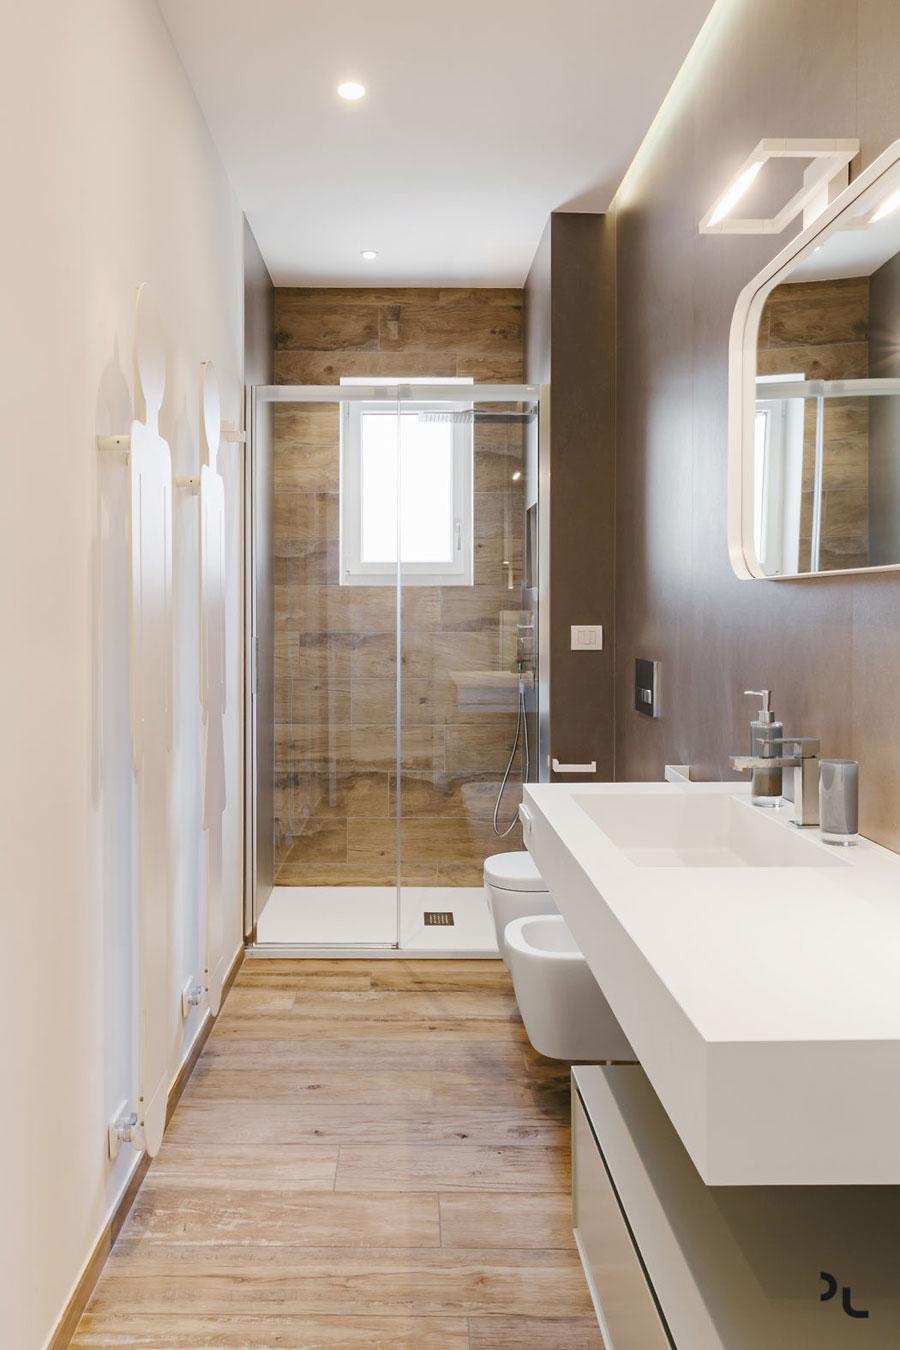 Badkamers met voorbeelden hout look tegels